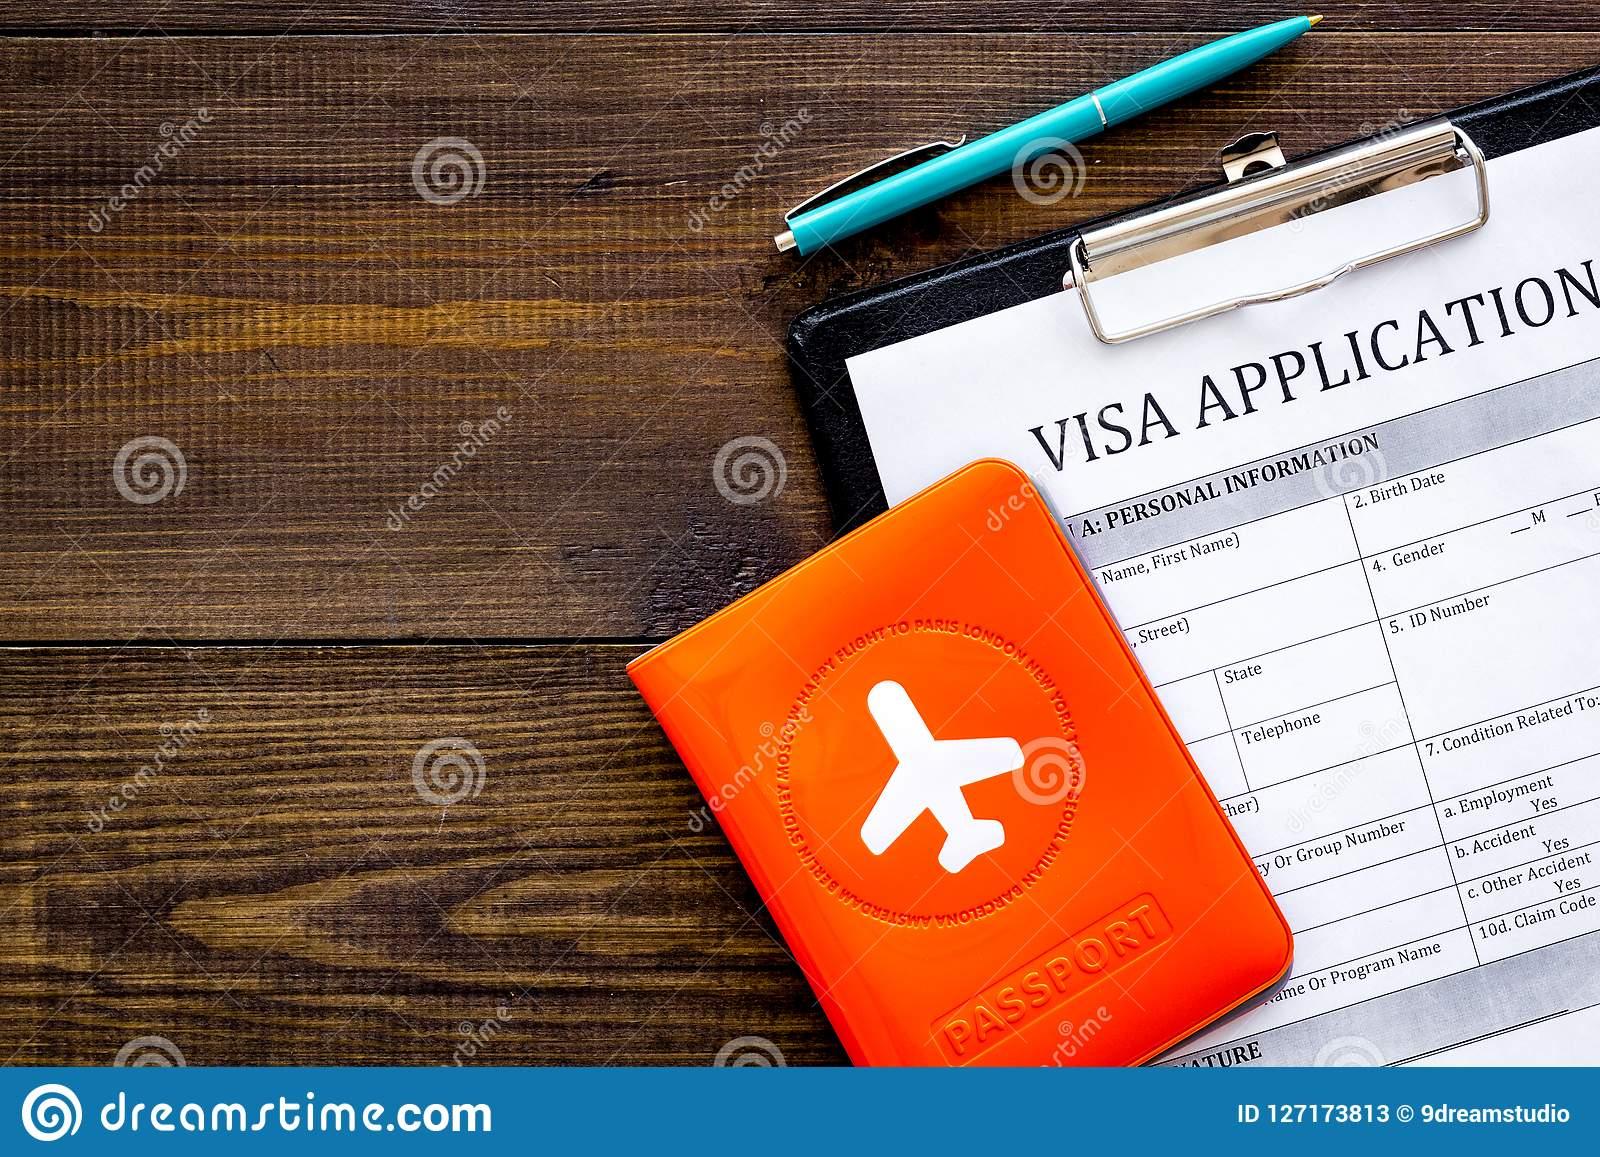 Fill Visa Application Form Empty Blank Near Passport